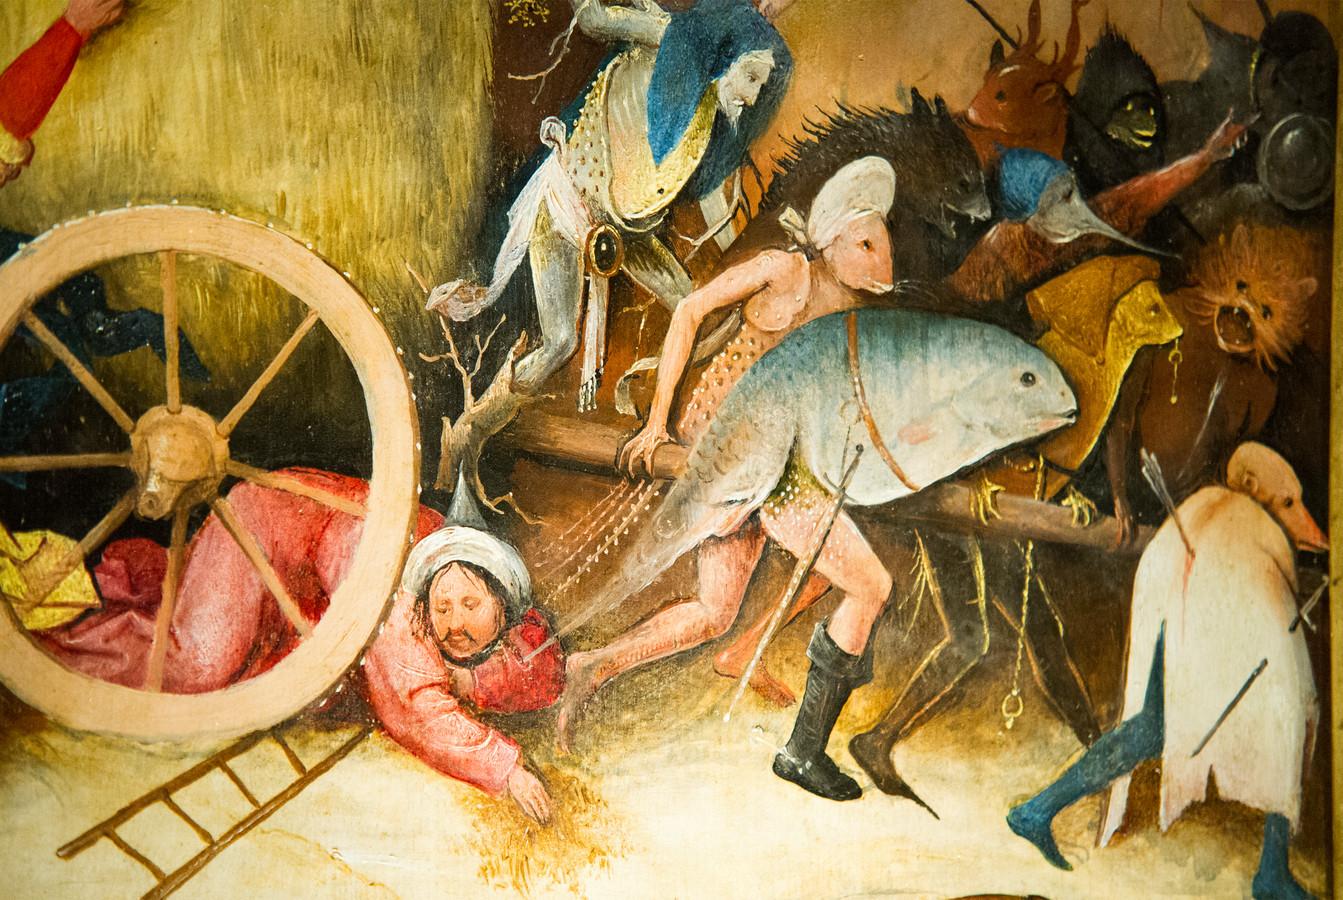 Een detail uit een schilderij van Jeroen Bosch, die religieuze schilderijen maakte.